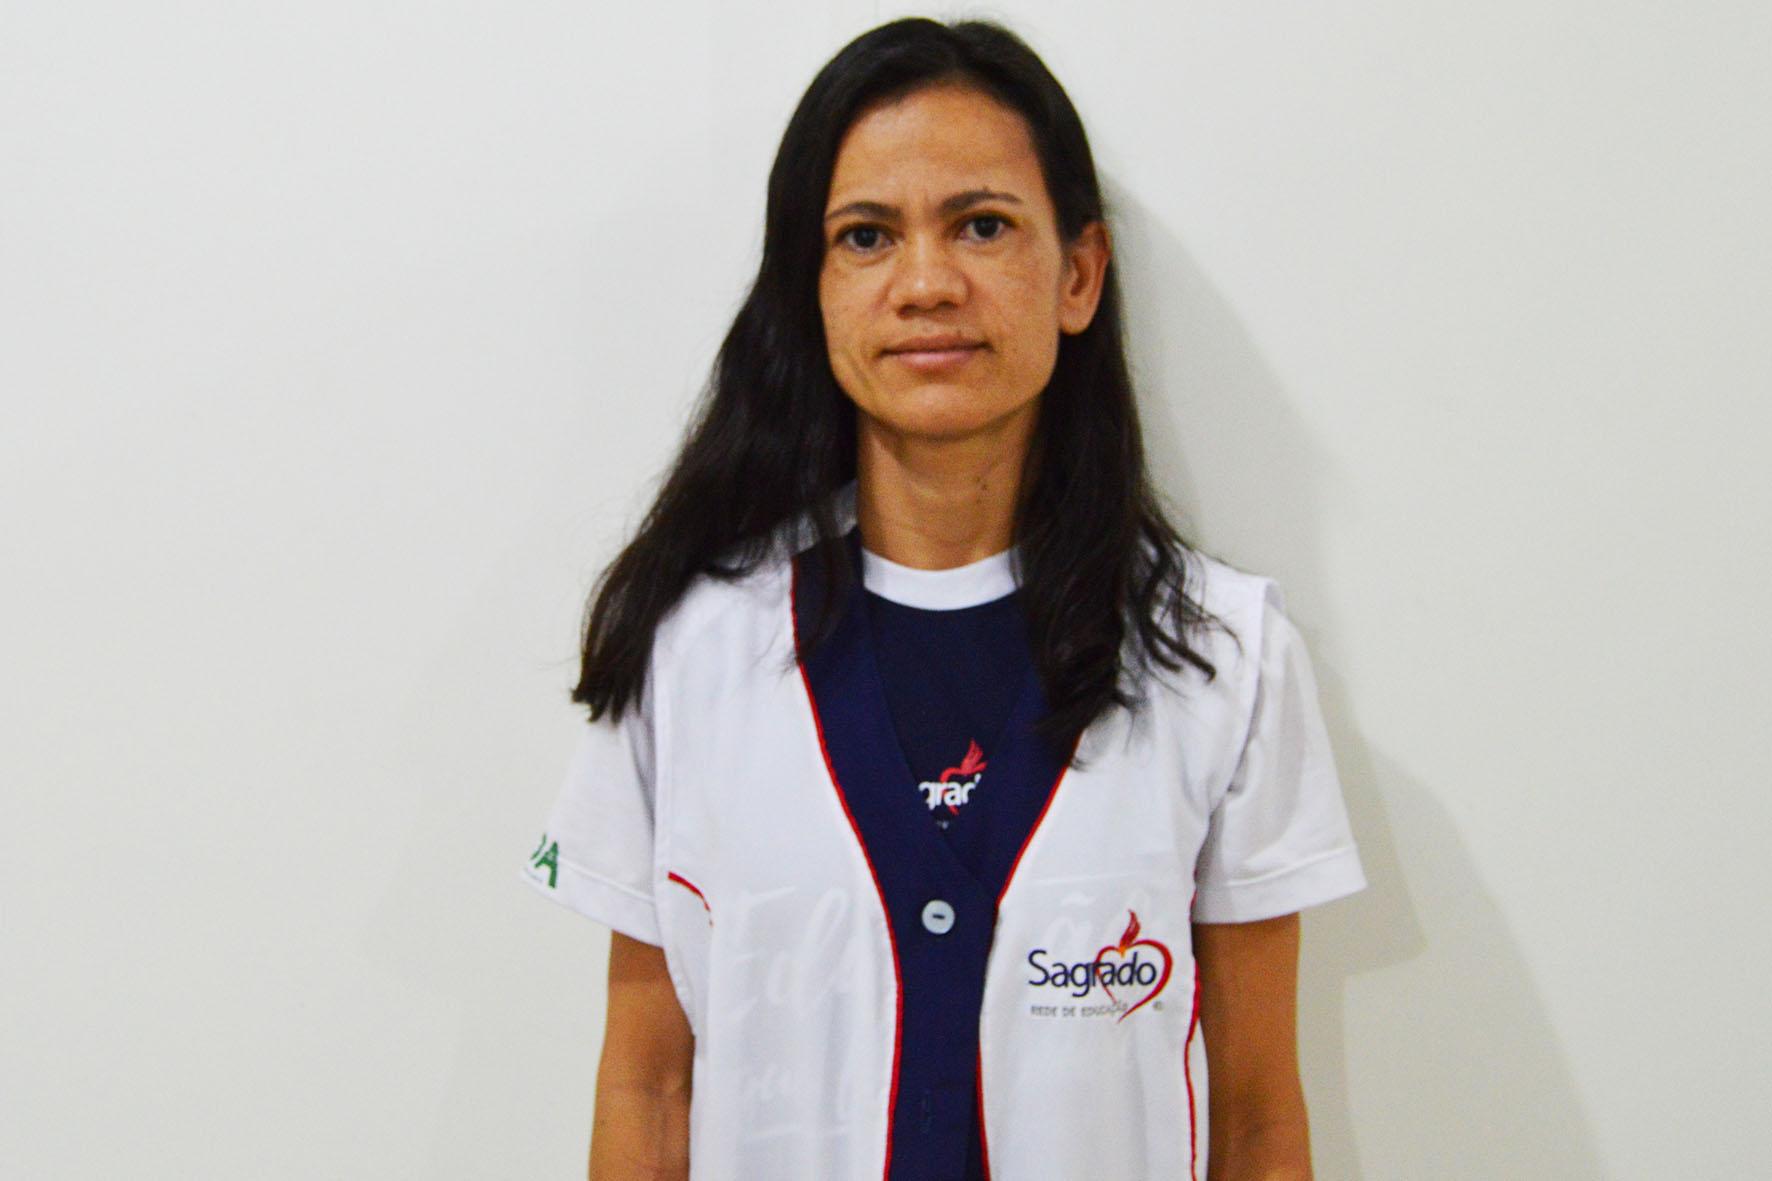 MARILENE DE ARAUJO SILVA MELO